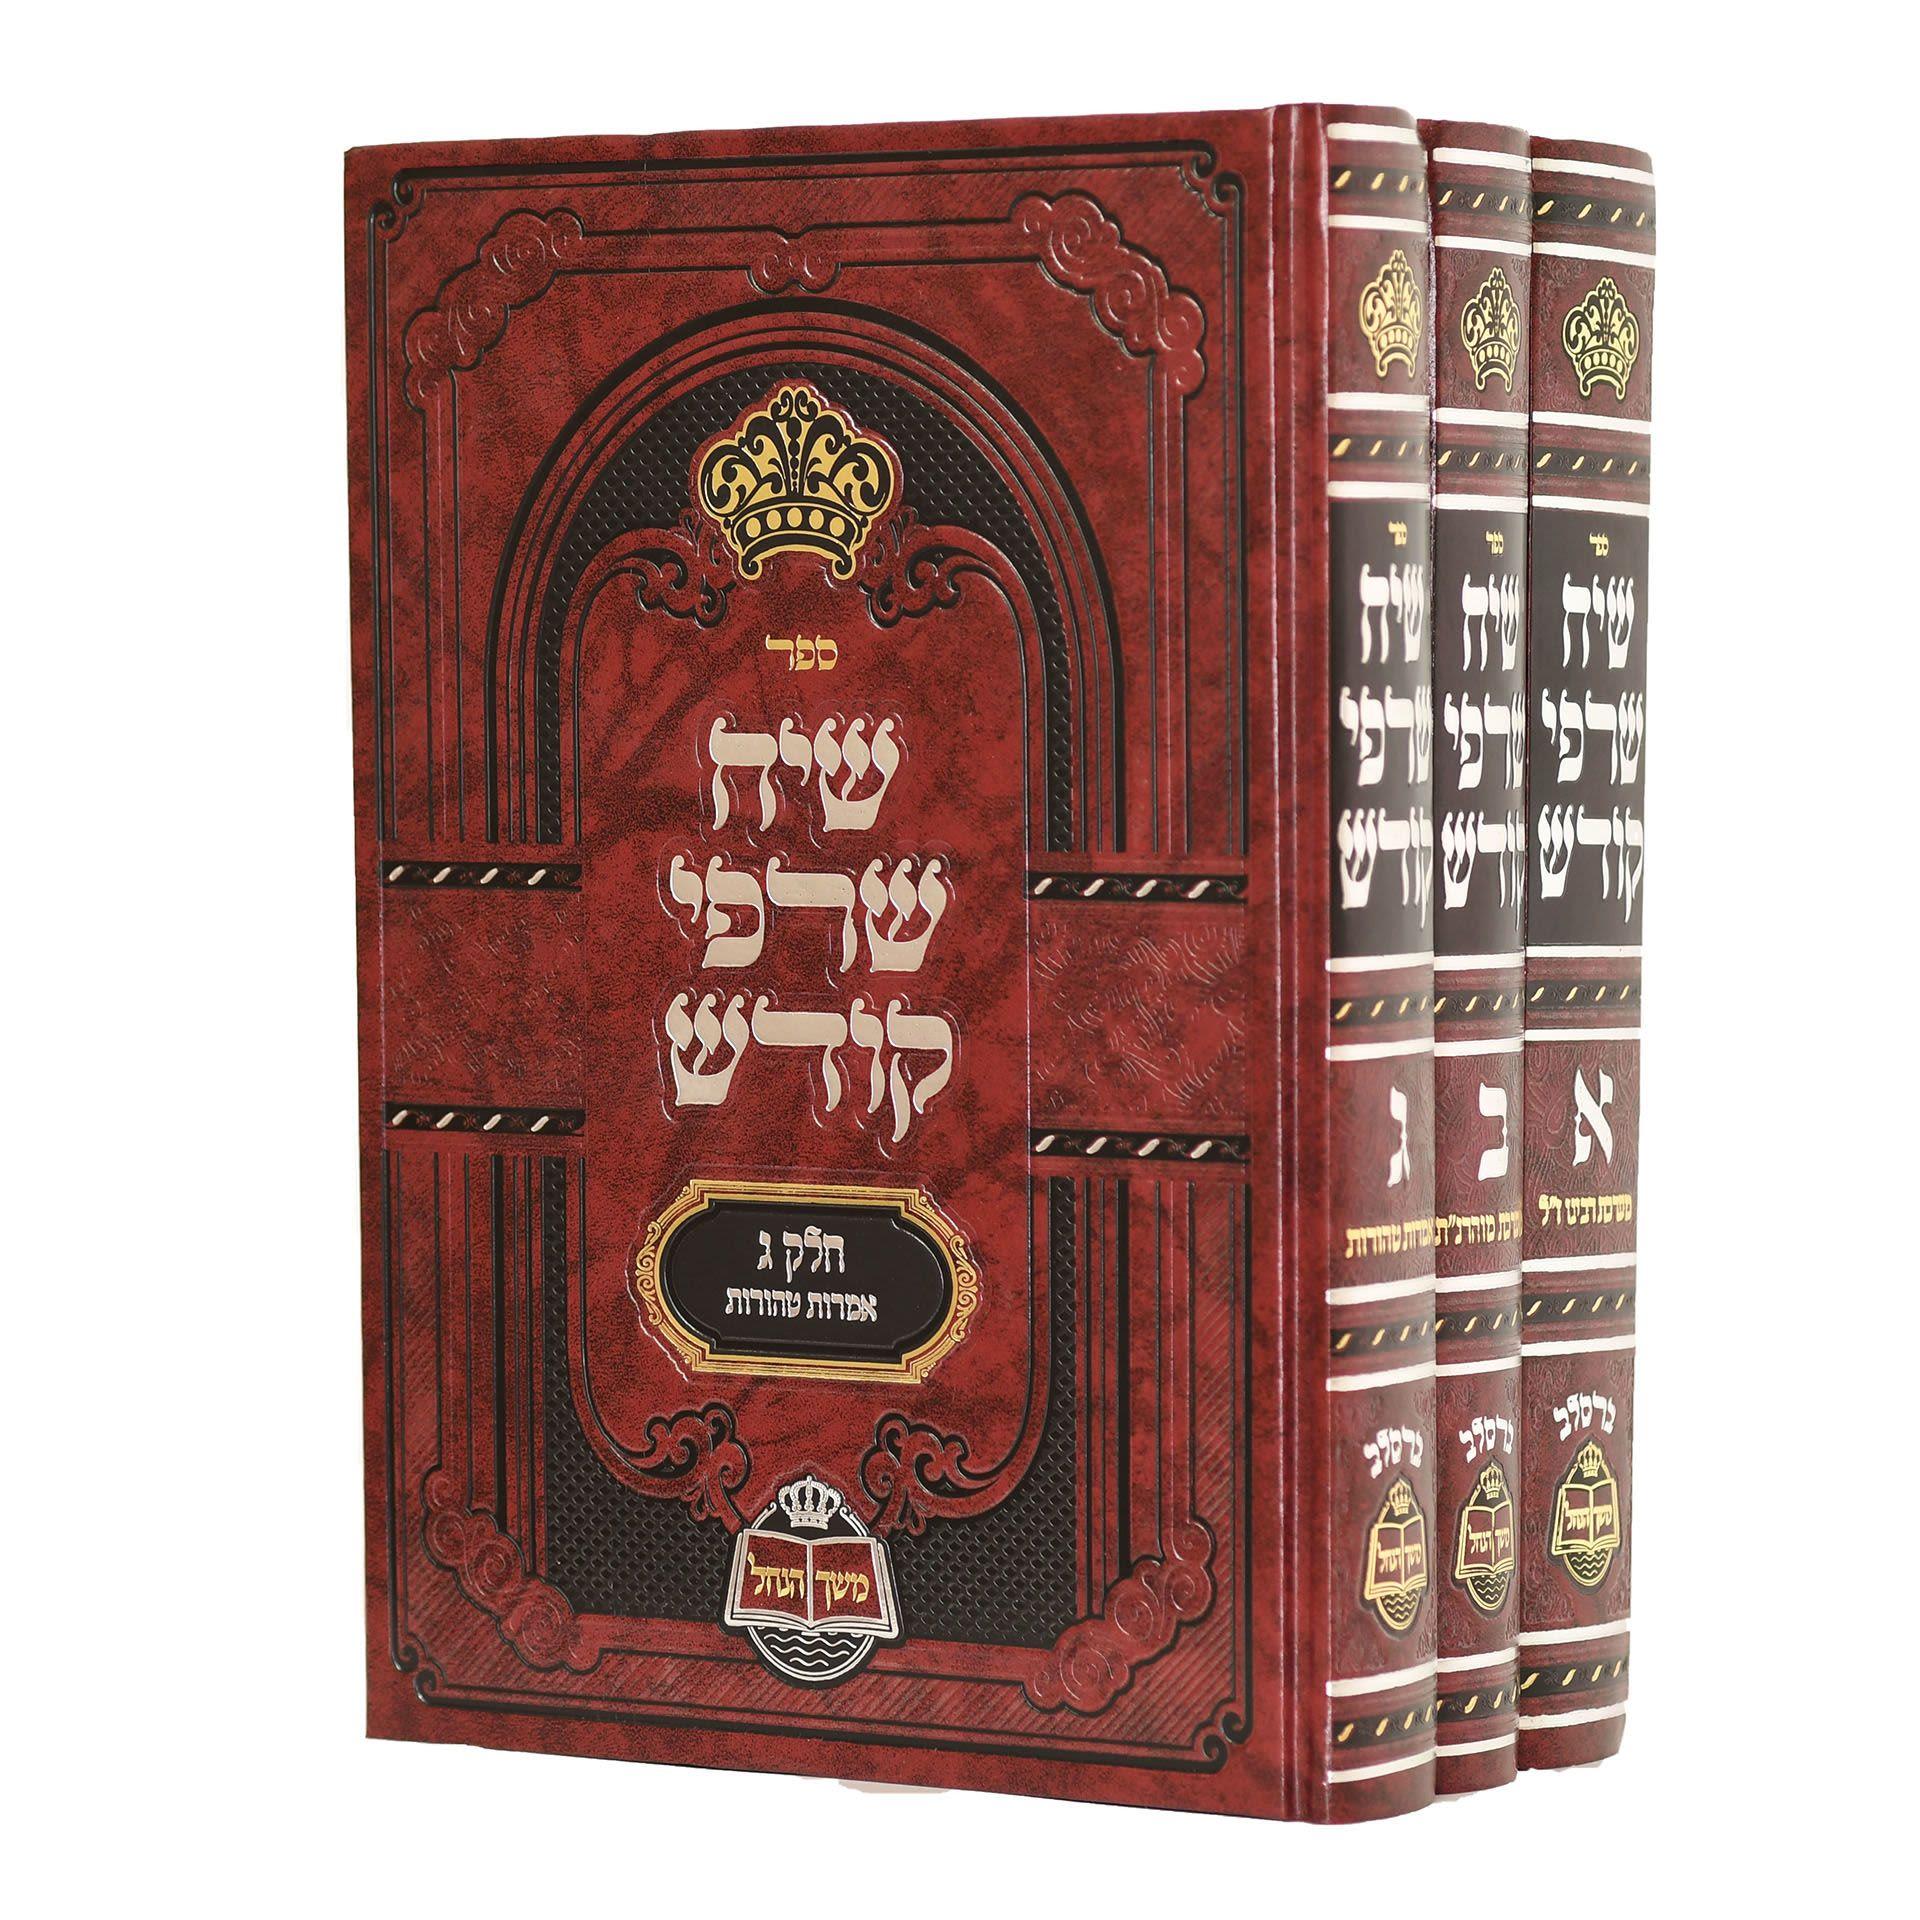 שיח שרפי קודש - ג' כרכים - מהדורה חדשה